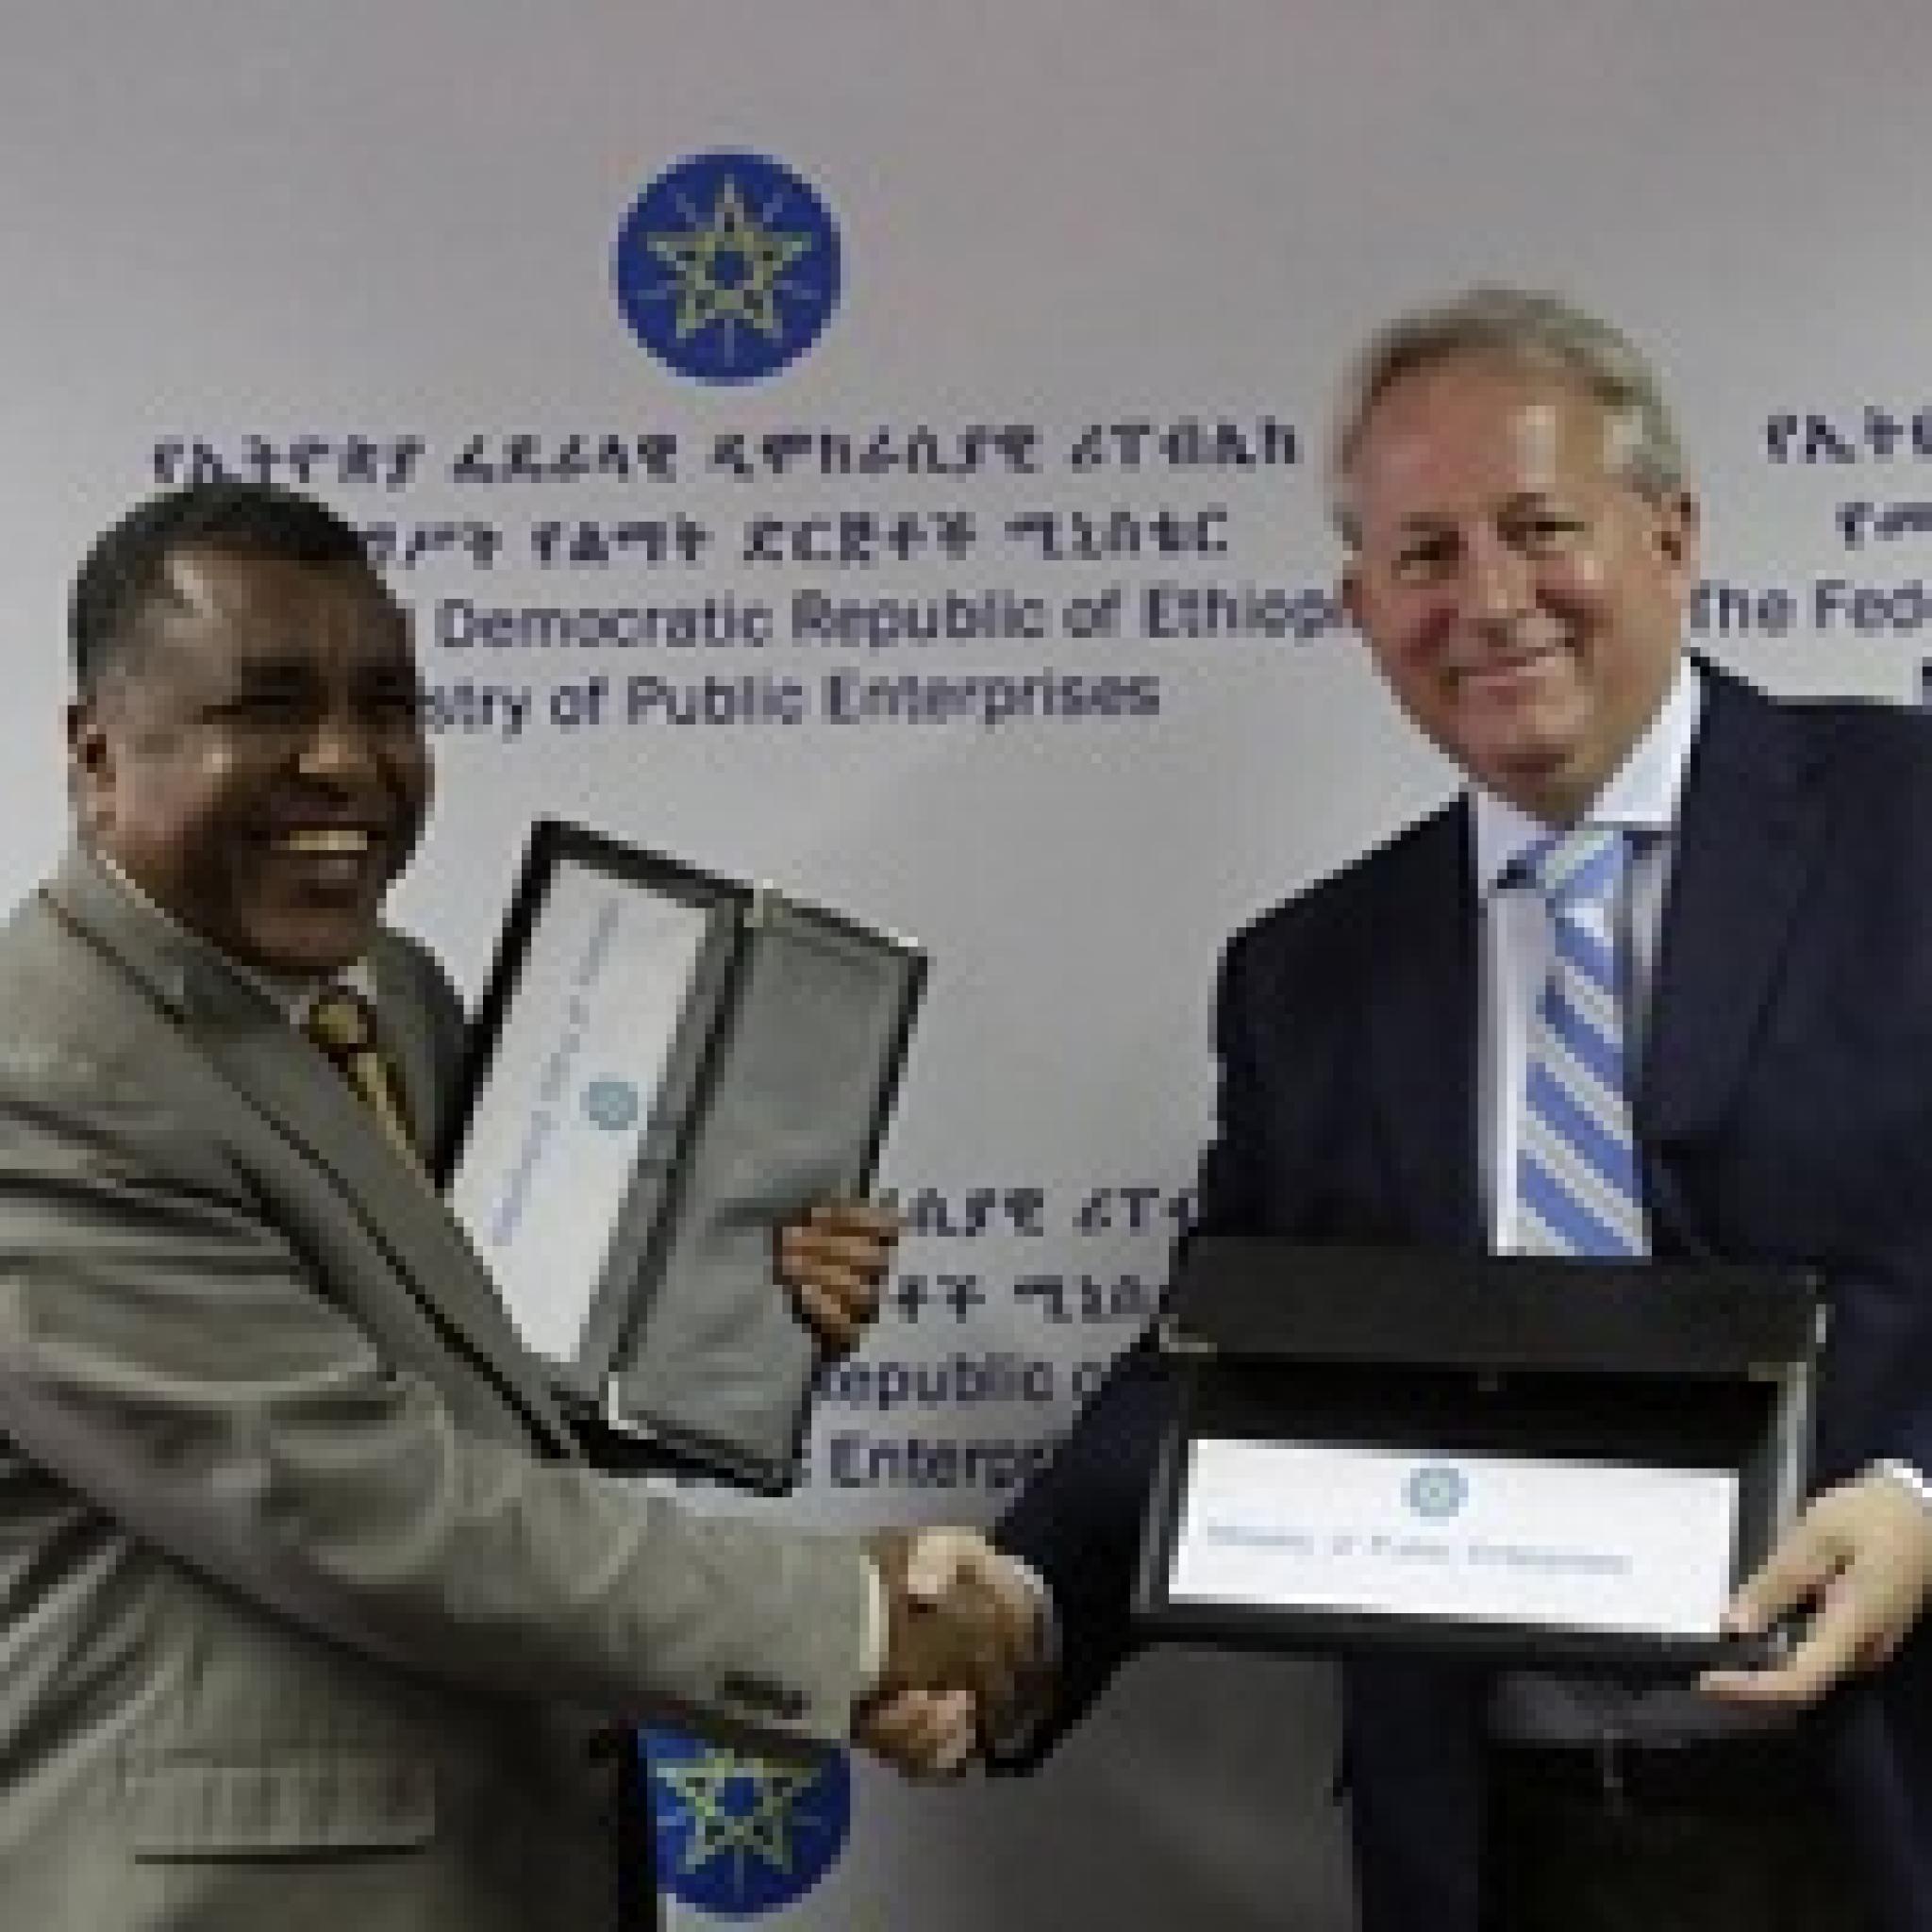 መንግስት 30 በመቶ የብሄራዊ ትንባሆ ድርጅት ድርሻውን ለውጭ ኩባንያ ሸጠ - Ethiopian Government Sold 30 Percent of The Tobacco Company's National Sales to a Foreign Company